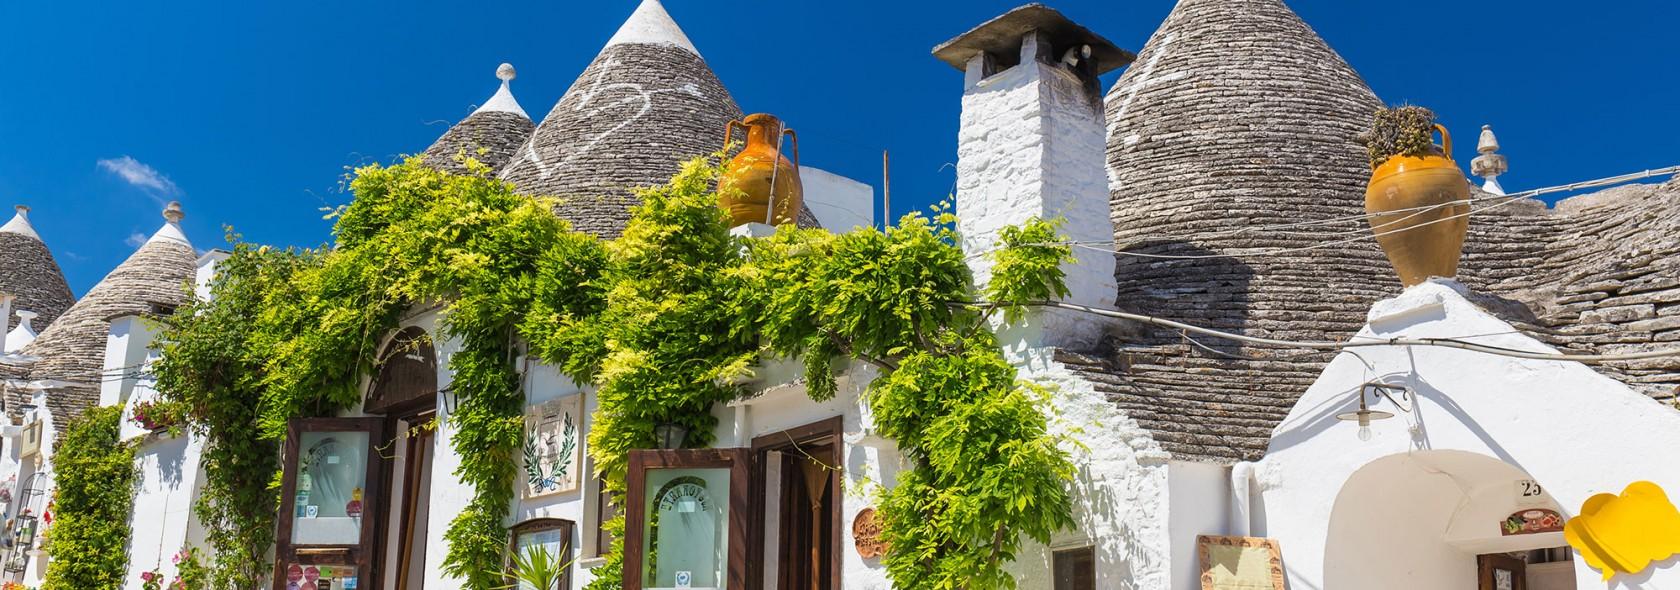 Primavera in Puglia con Matera e San Giovanni Rotondo (visita alle tenute di Al Bano Carrisi)